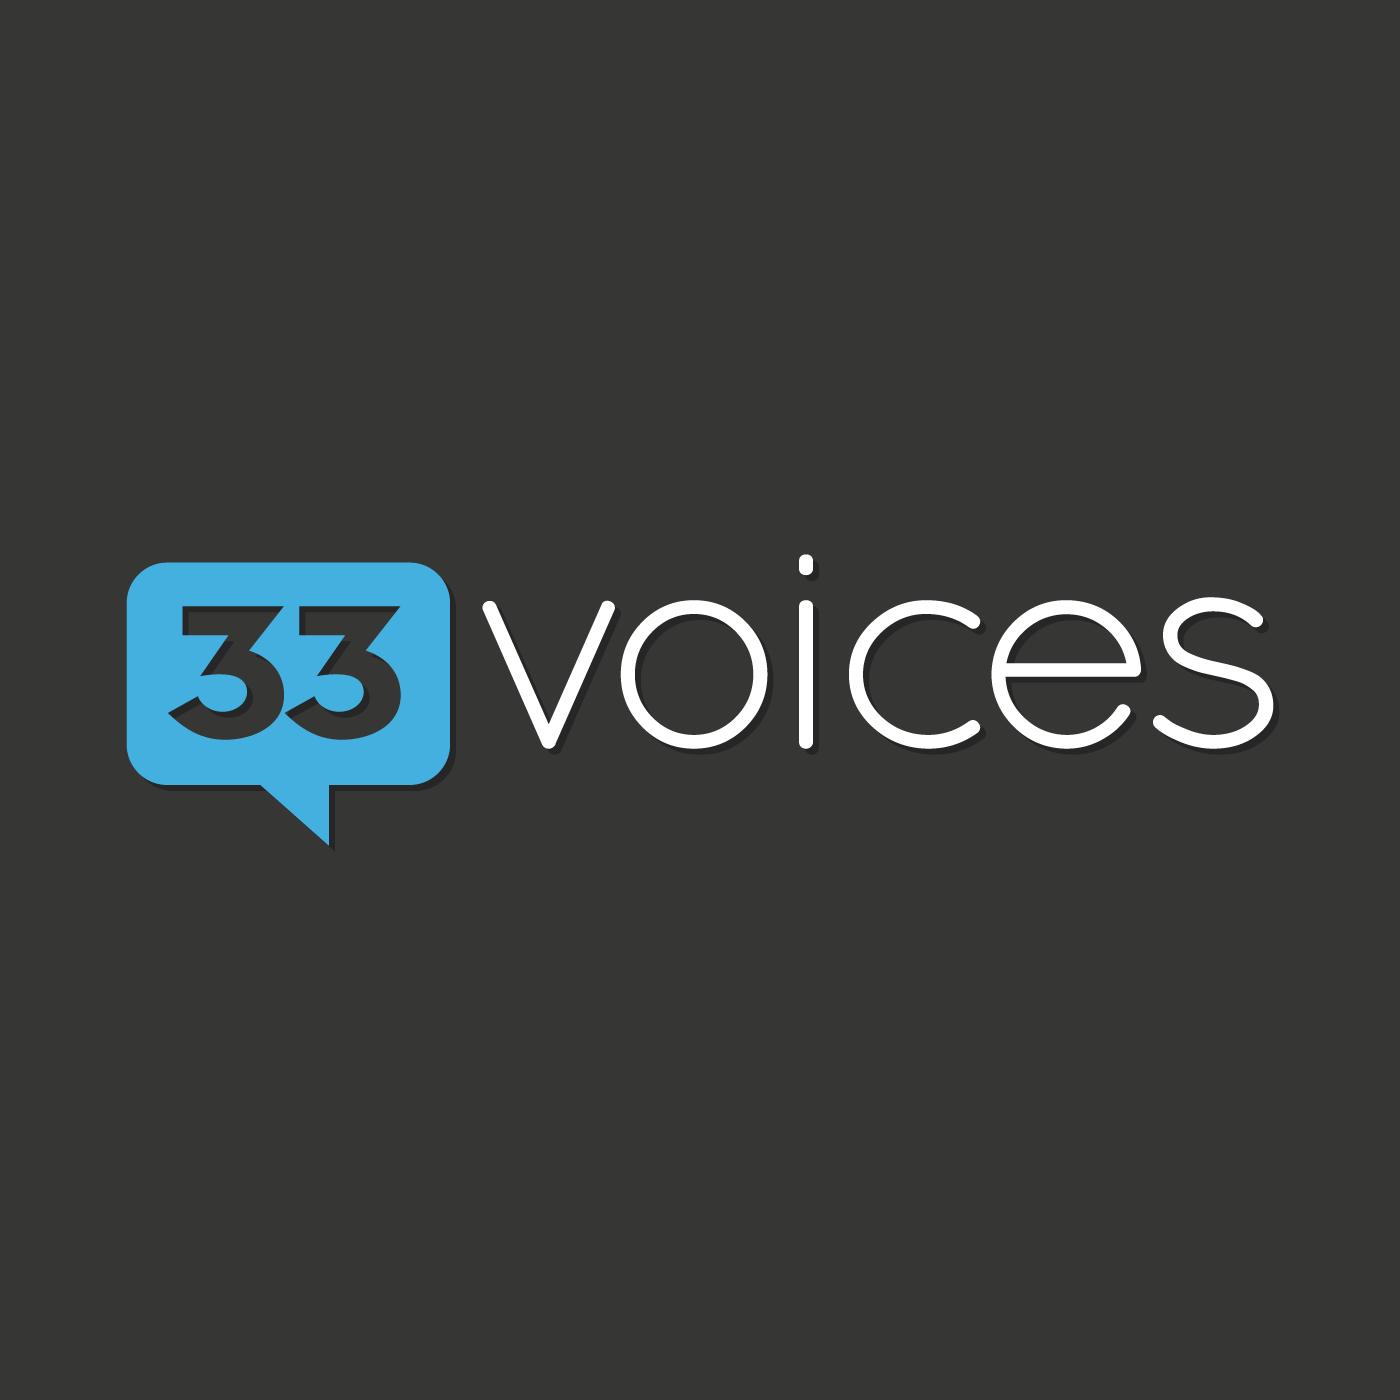 33voices